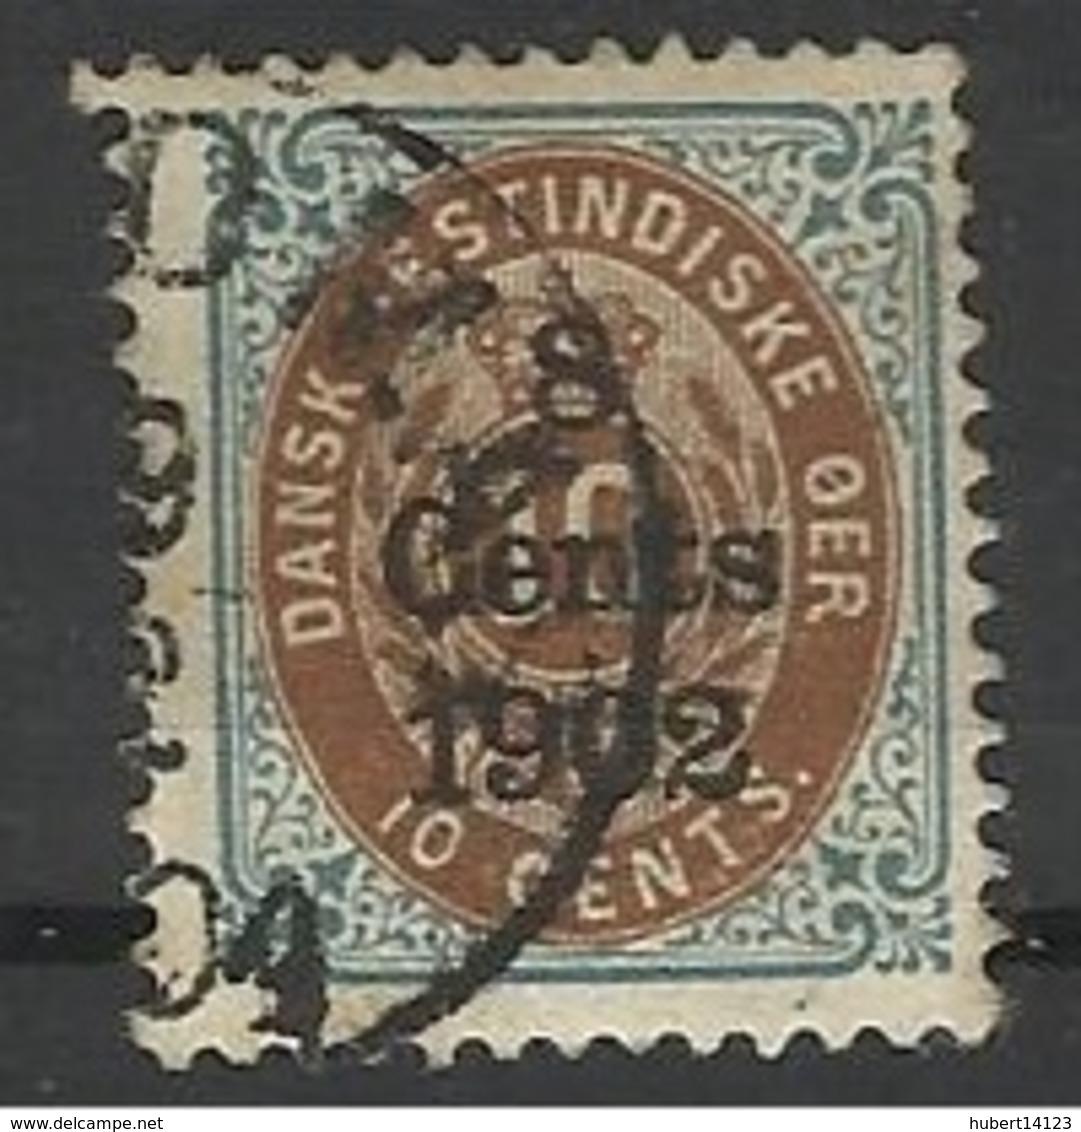 ANTILLES DANOISES N° 23 Oblitéré - Danemark (Antilles)